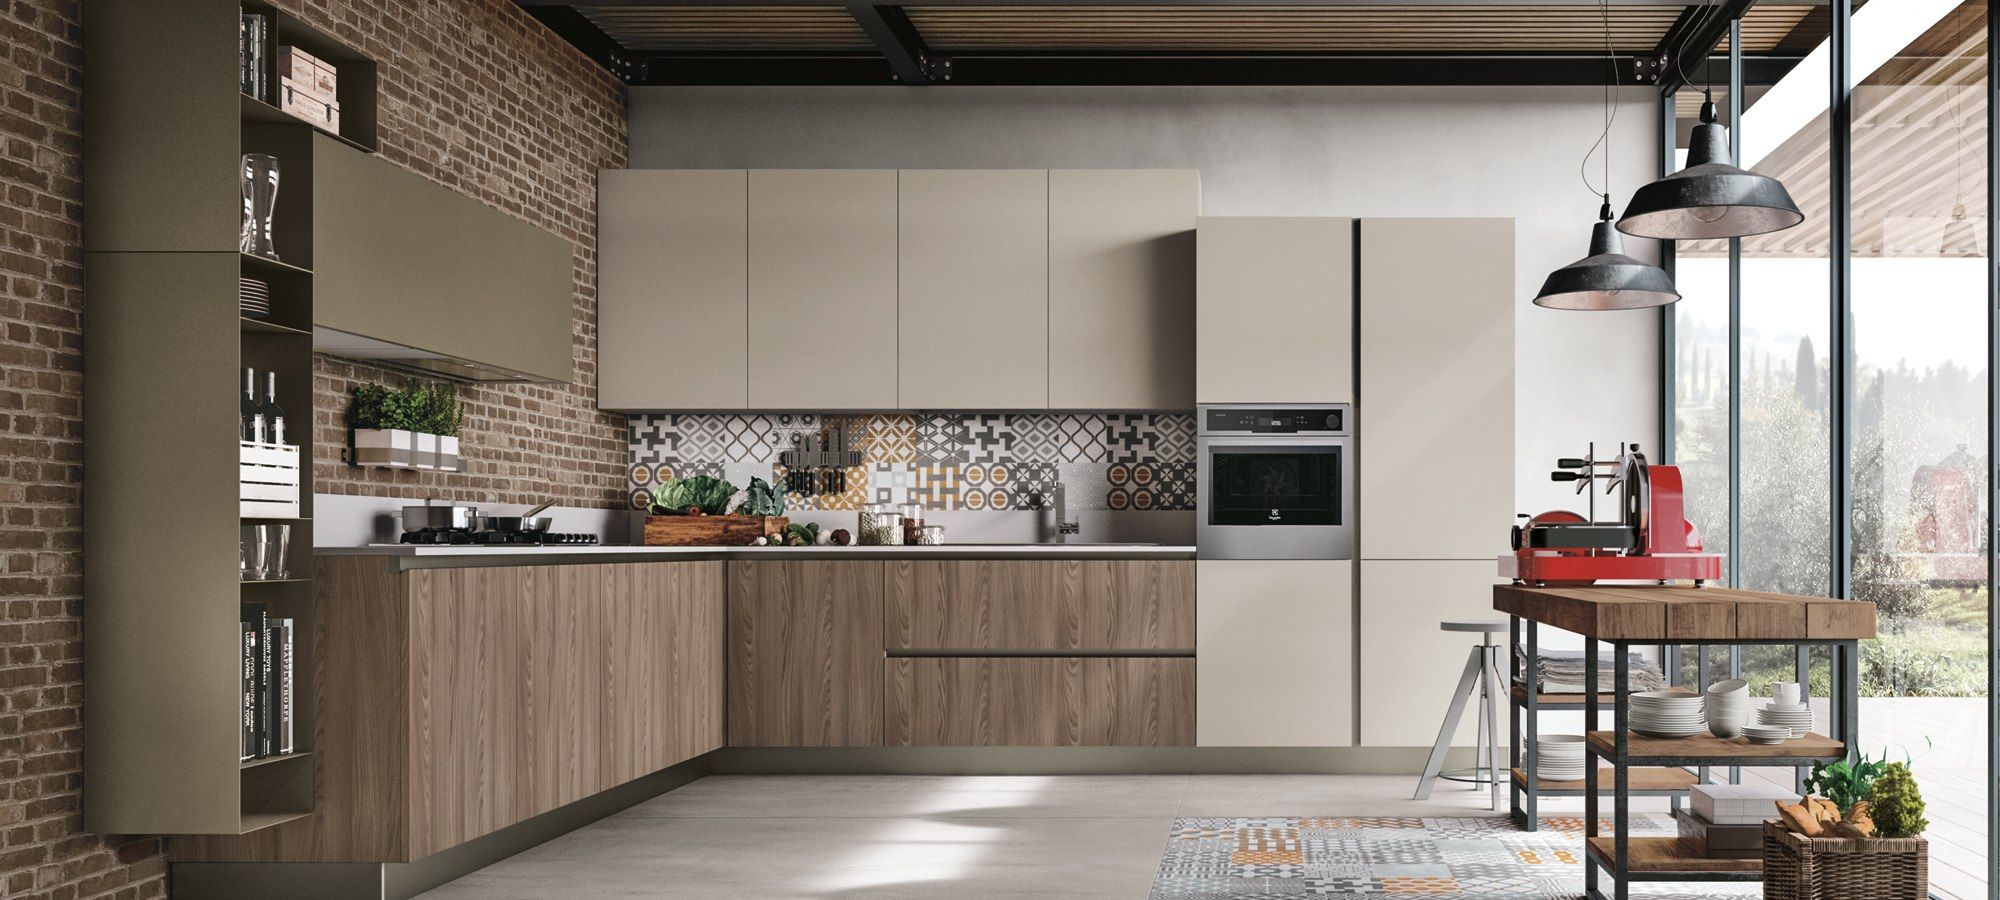 cucine moderne stosa - modello cucina infinity 13 | Cocinas ...